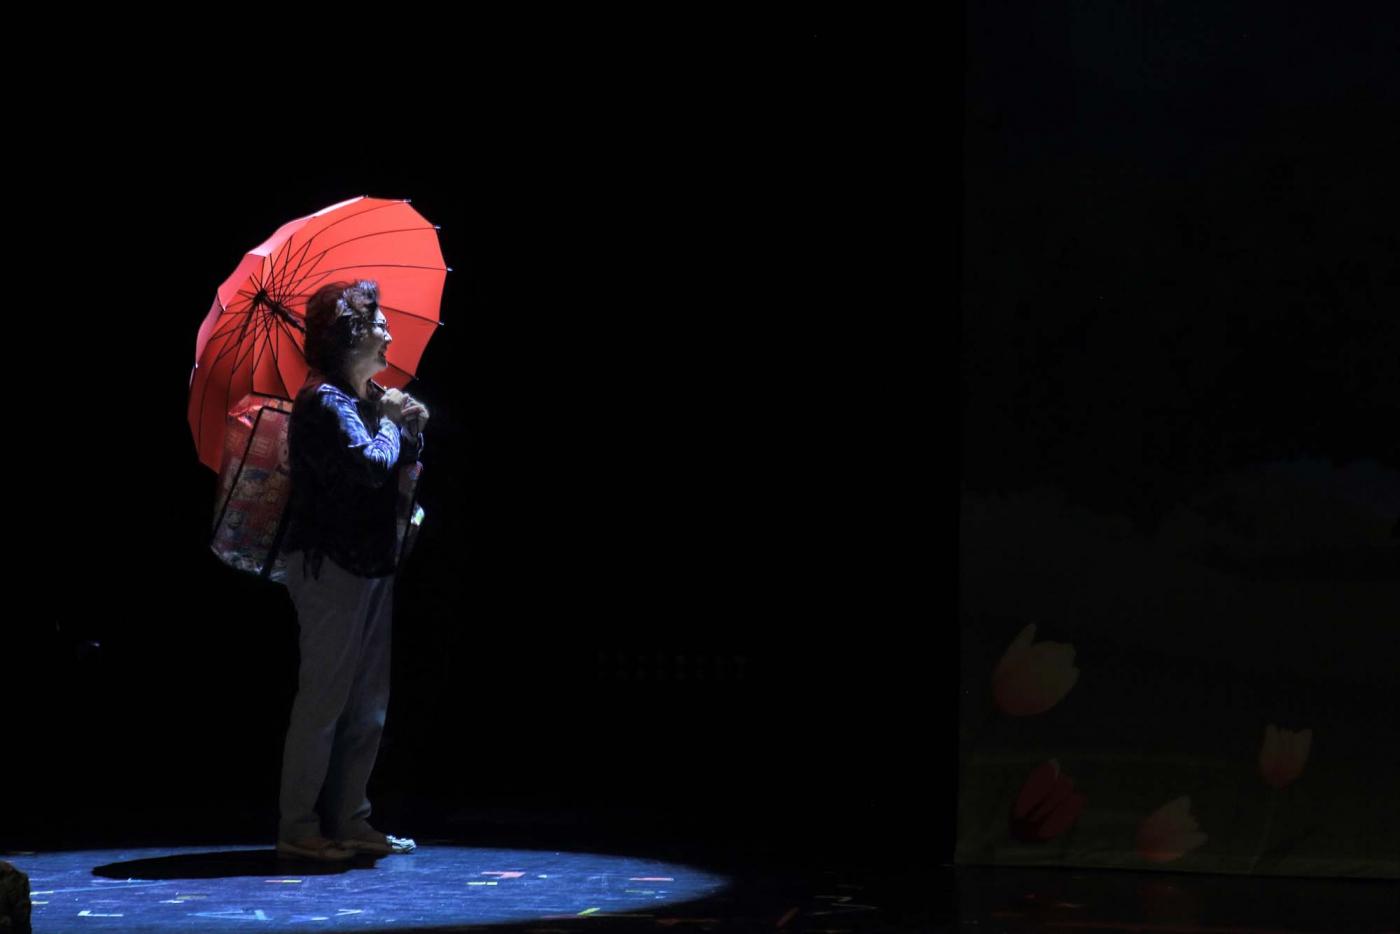 【达威】逆光下的舞台摄影_图1-9